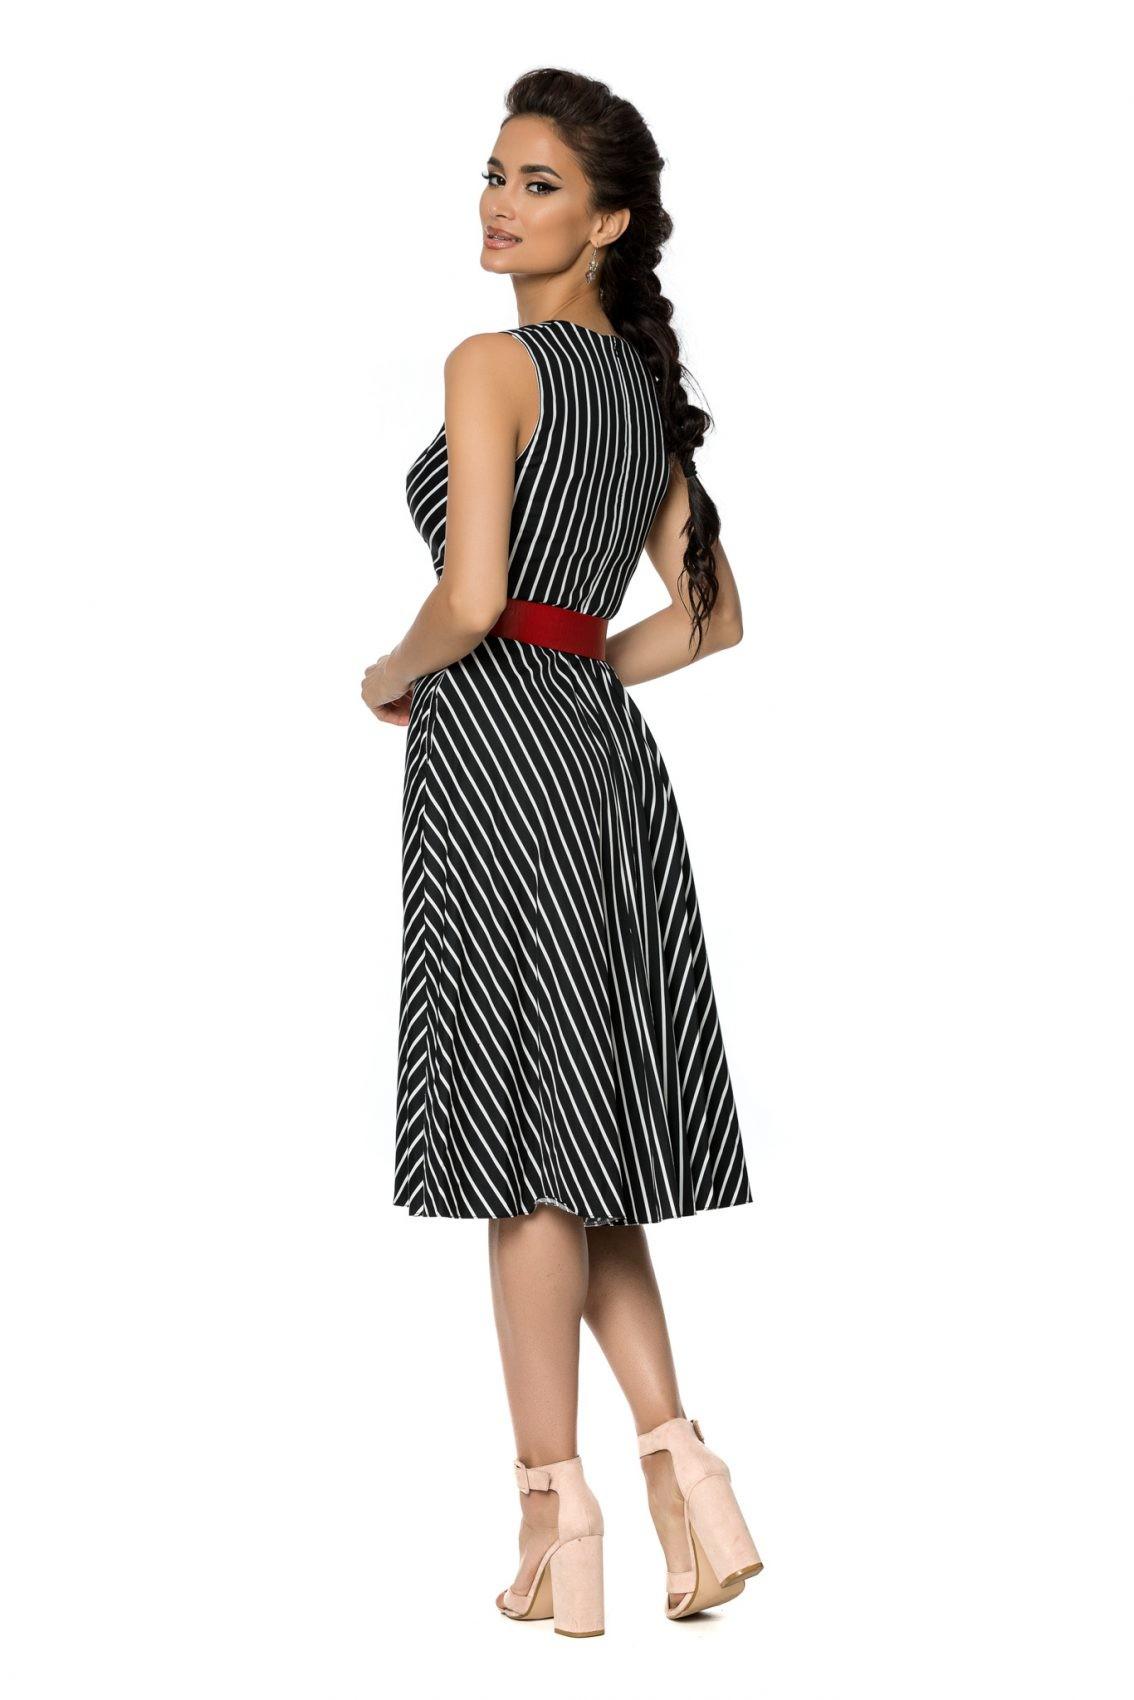 Μαύρο Αμάνικο Ριγέ Φόρεμα Eralya A721 2